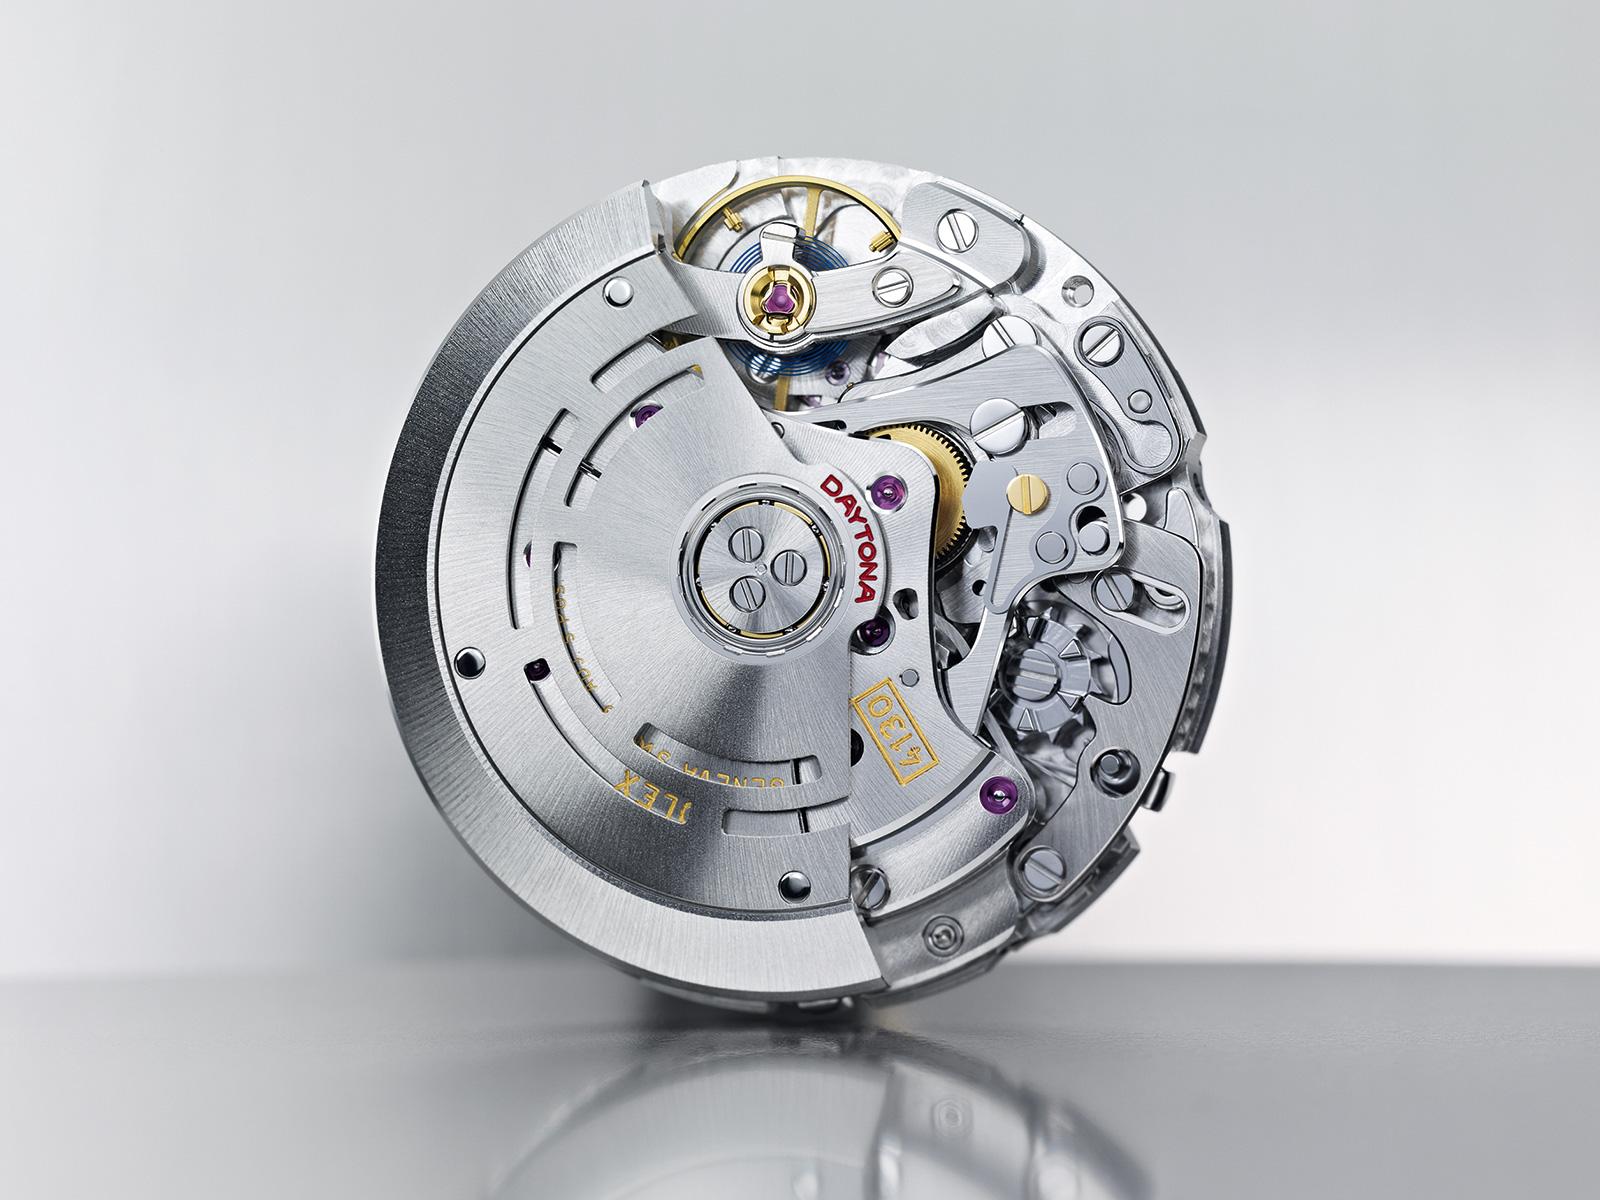 Rolex Daytona 4130